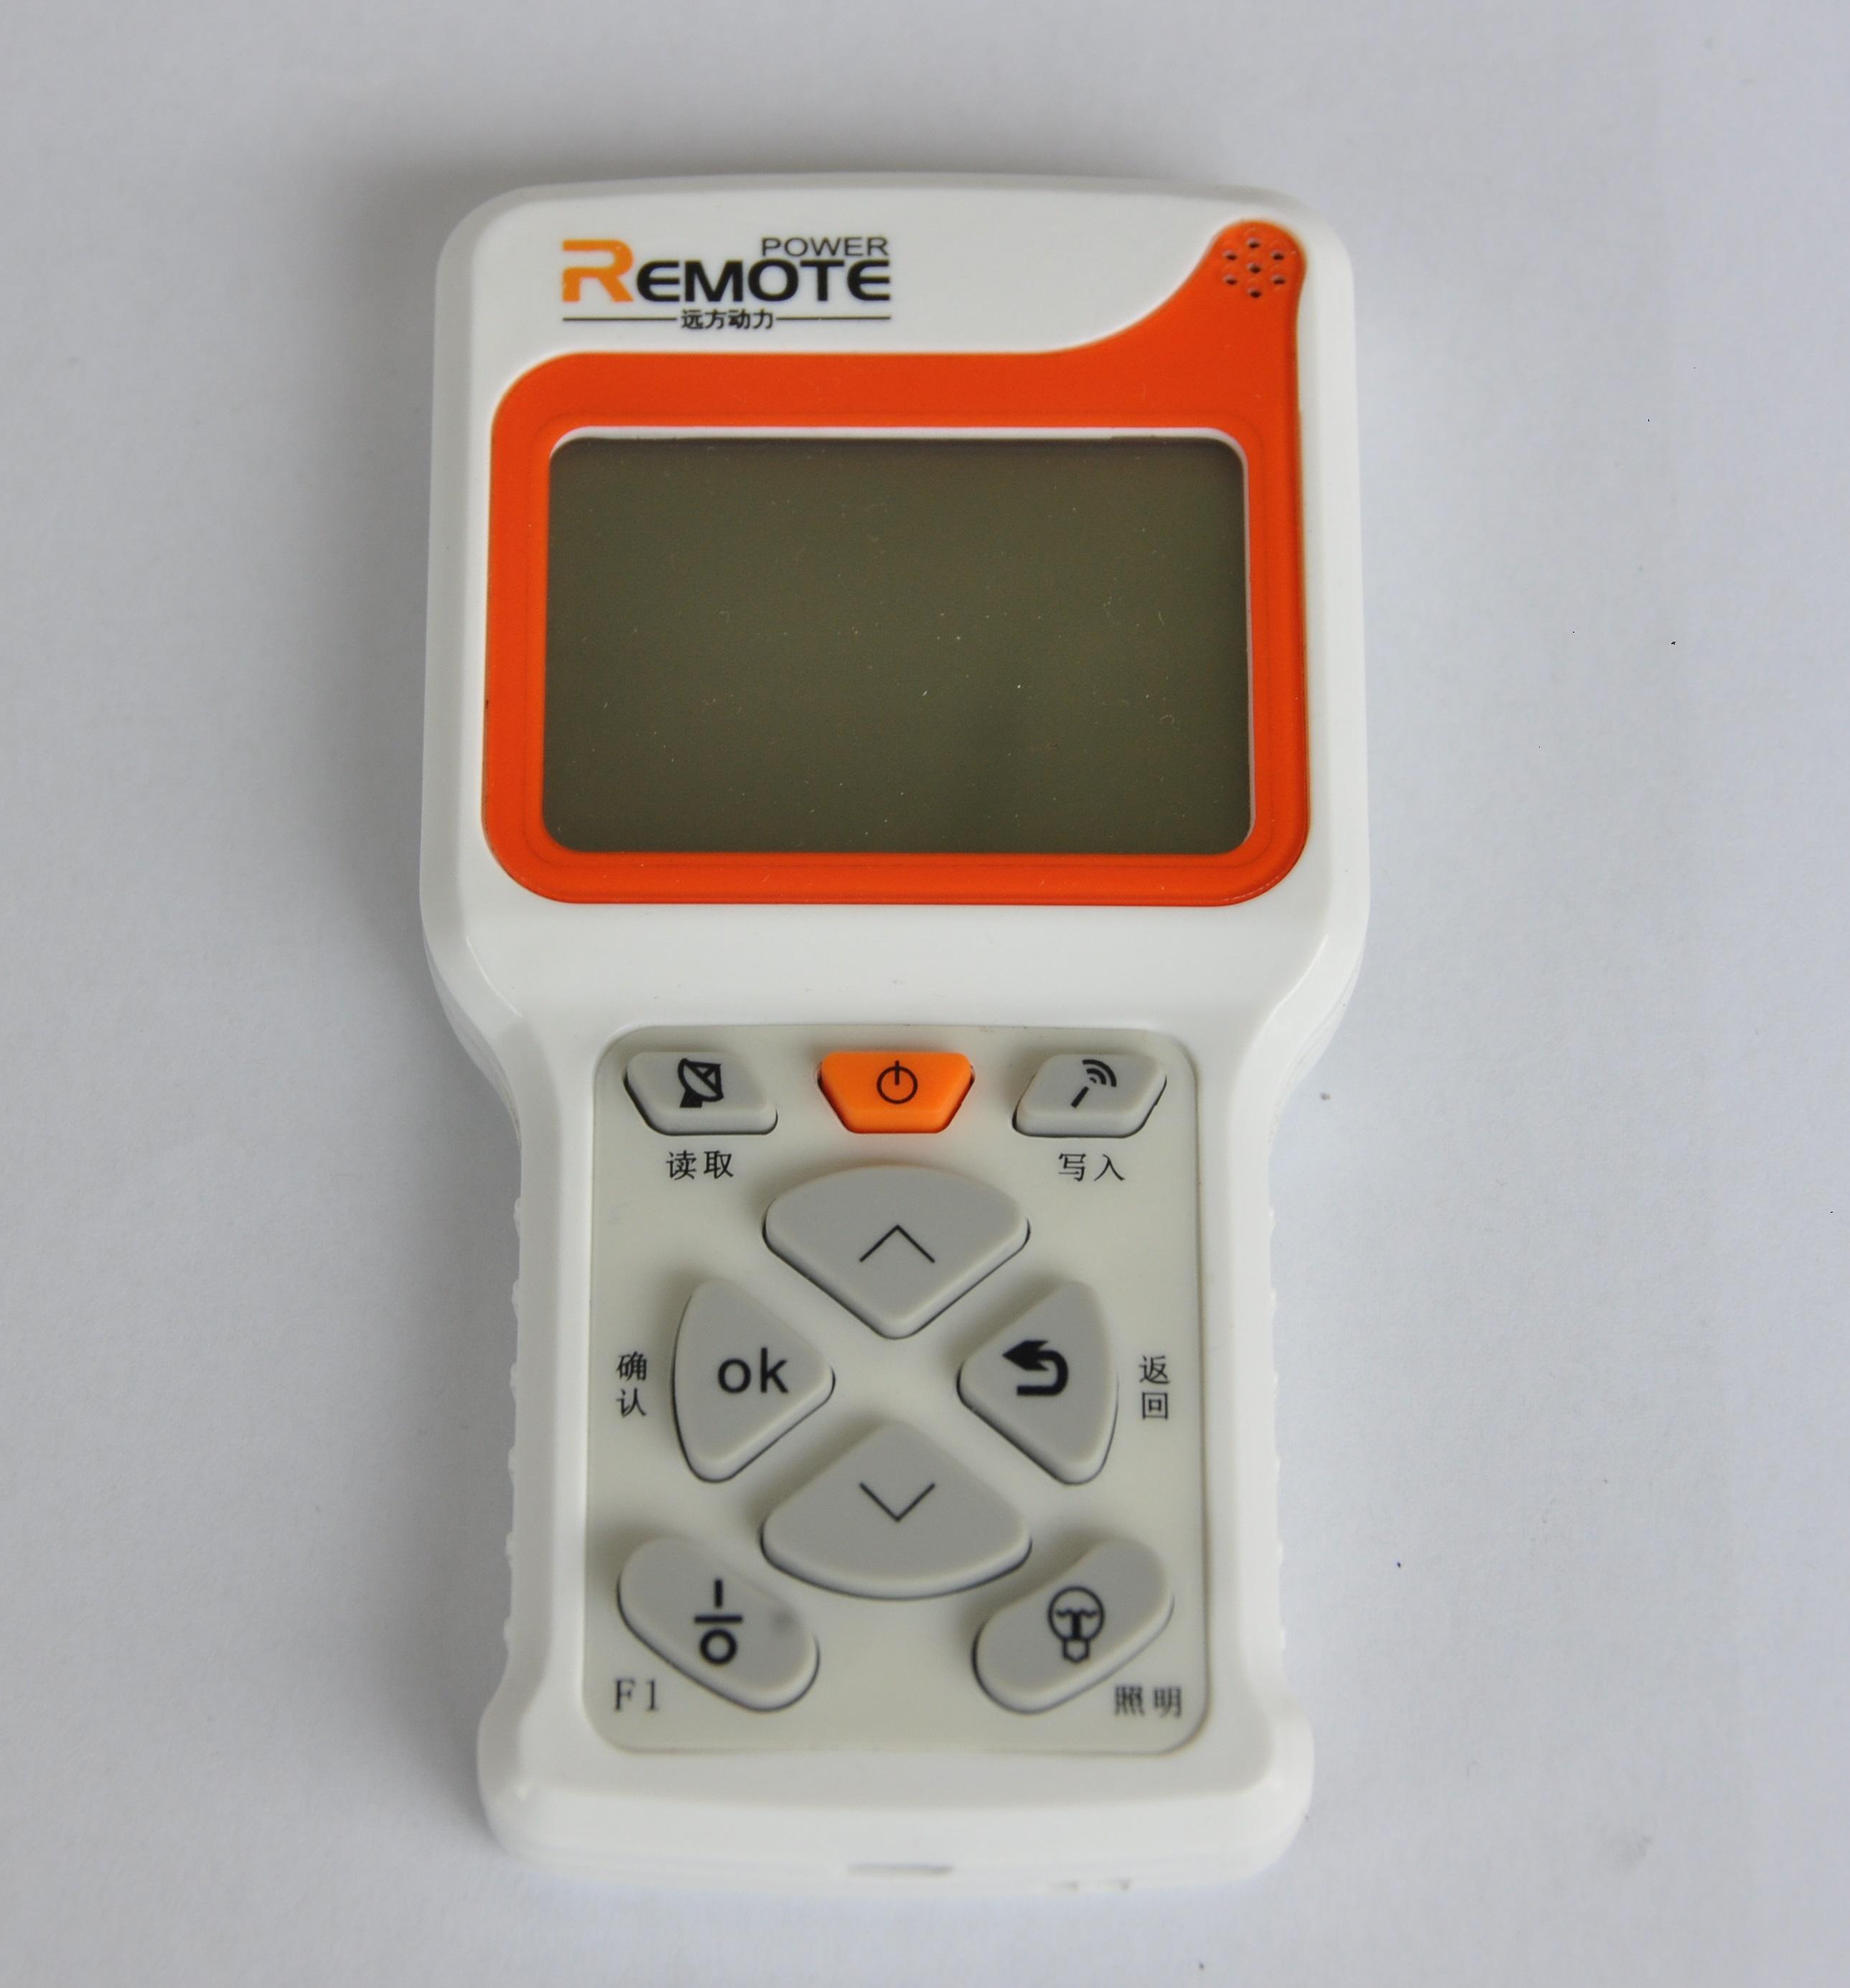 RC-3遥控器适用于我司各控制器设备的参数设置和读取